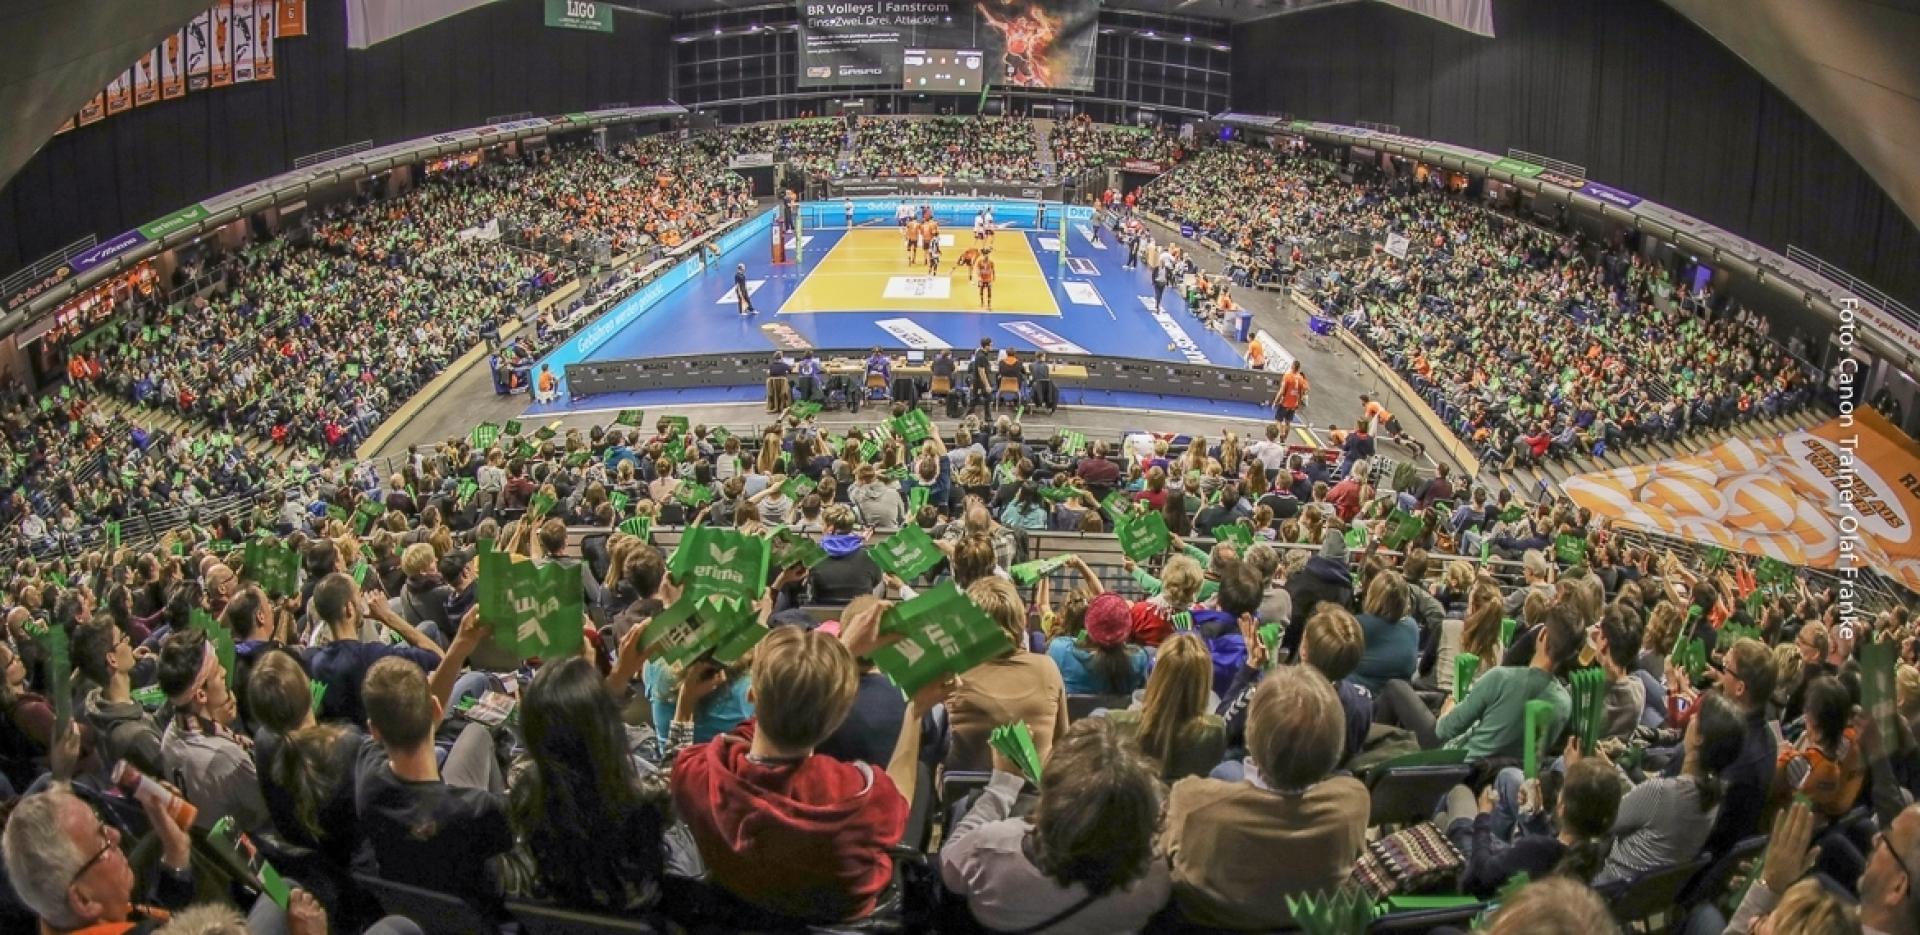 Canon EOS Masterclass - Volleyball Bundesliga Canon Academy Sport